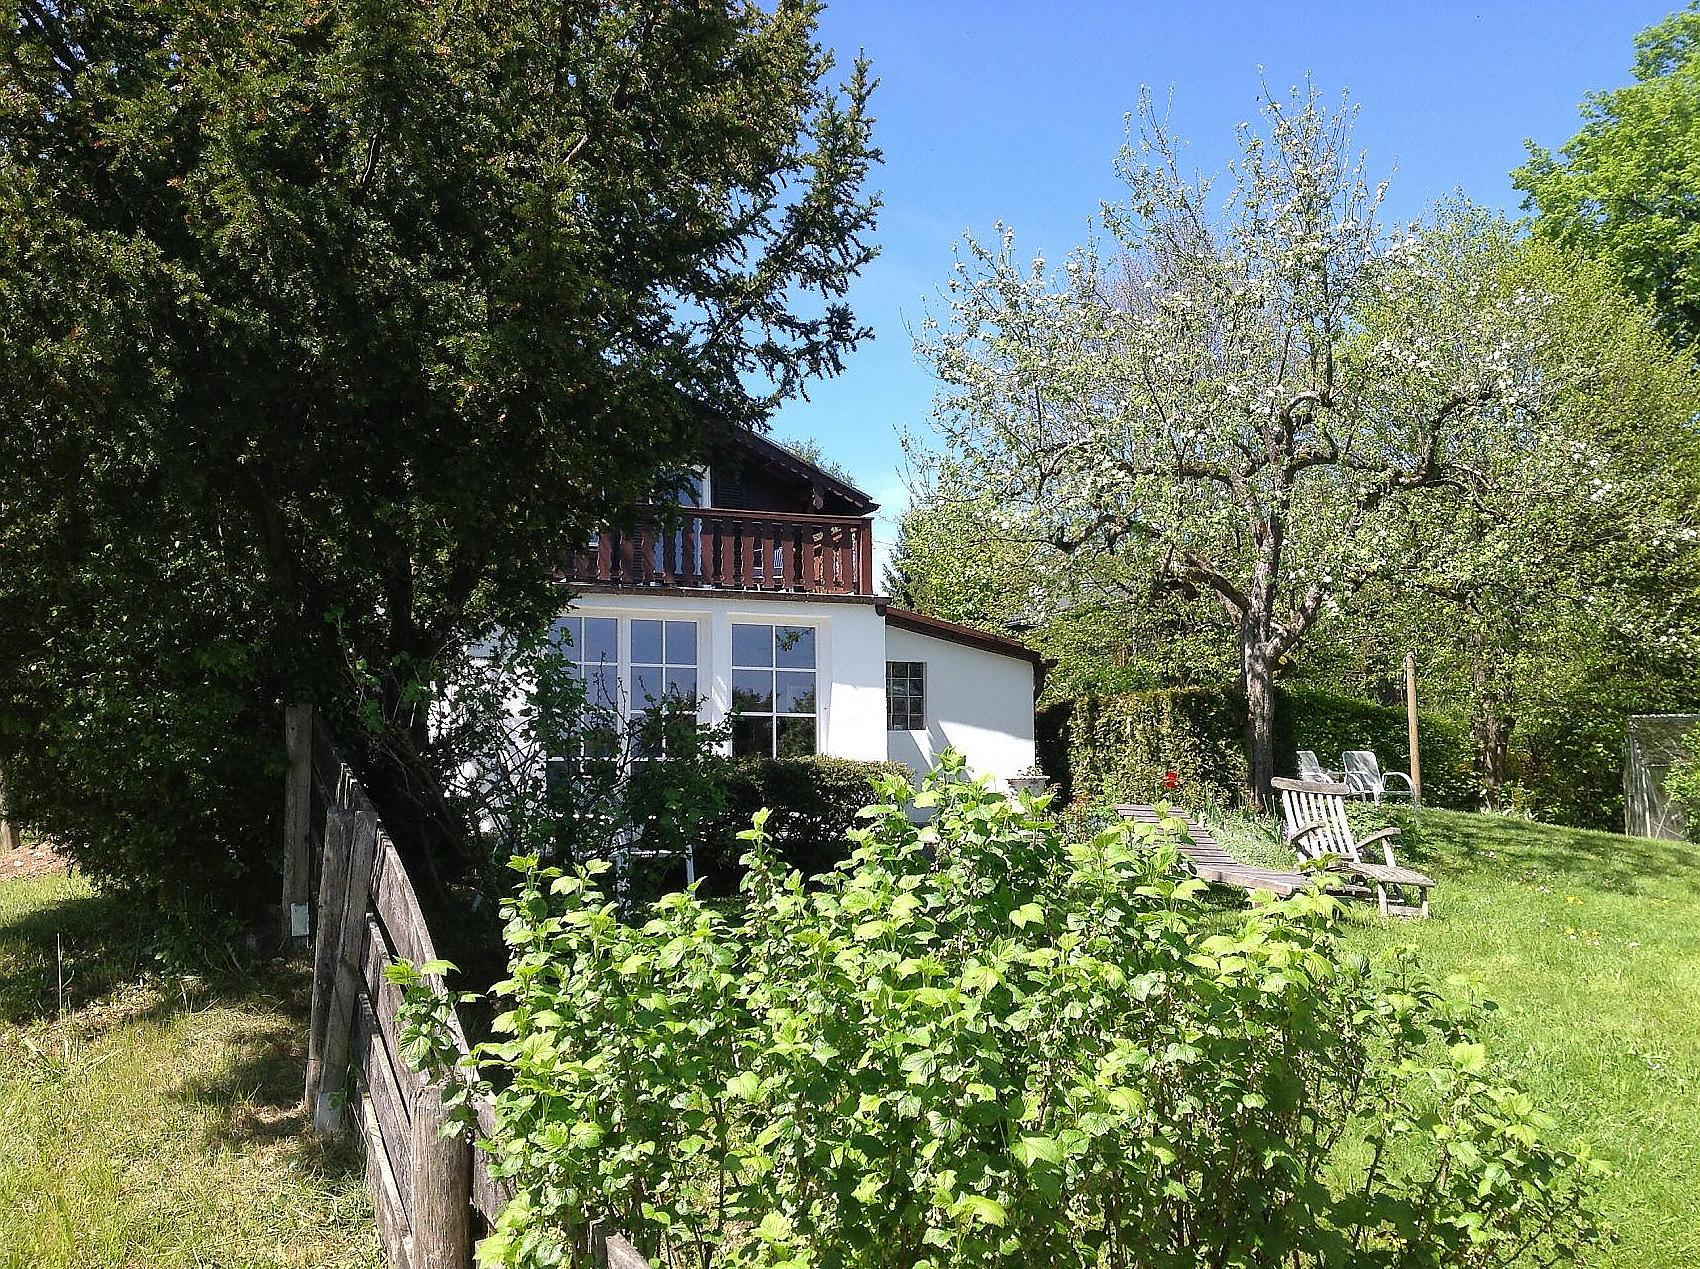 Ferienhaus Lindenallee - Tutzing-Unterzeismering